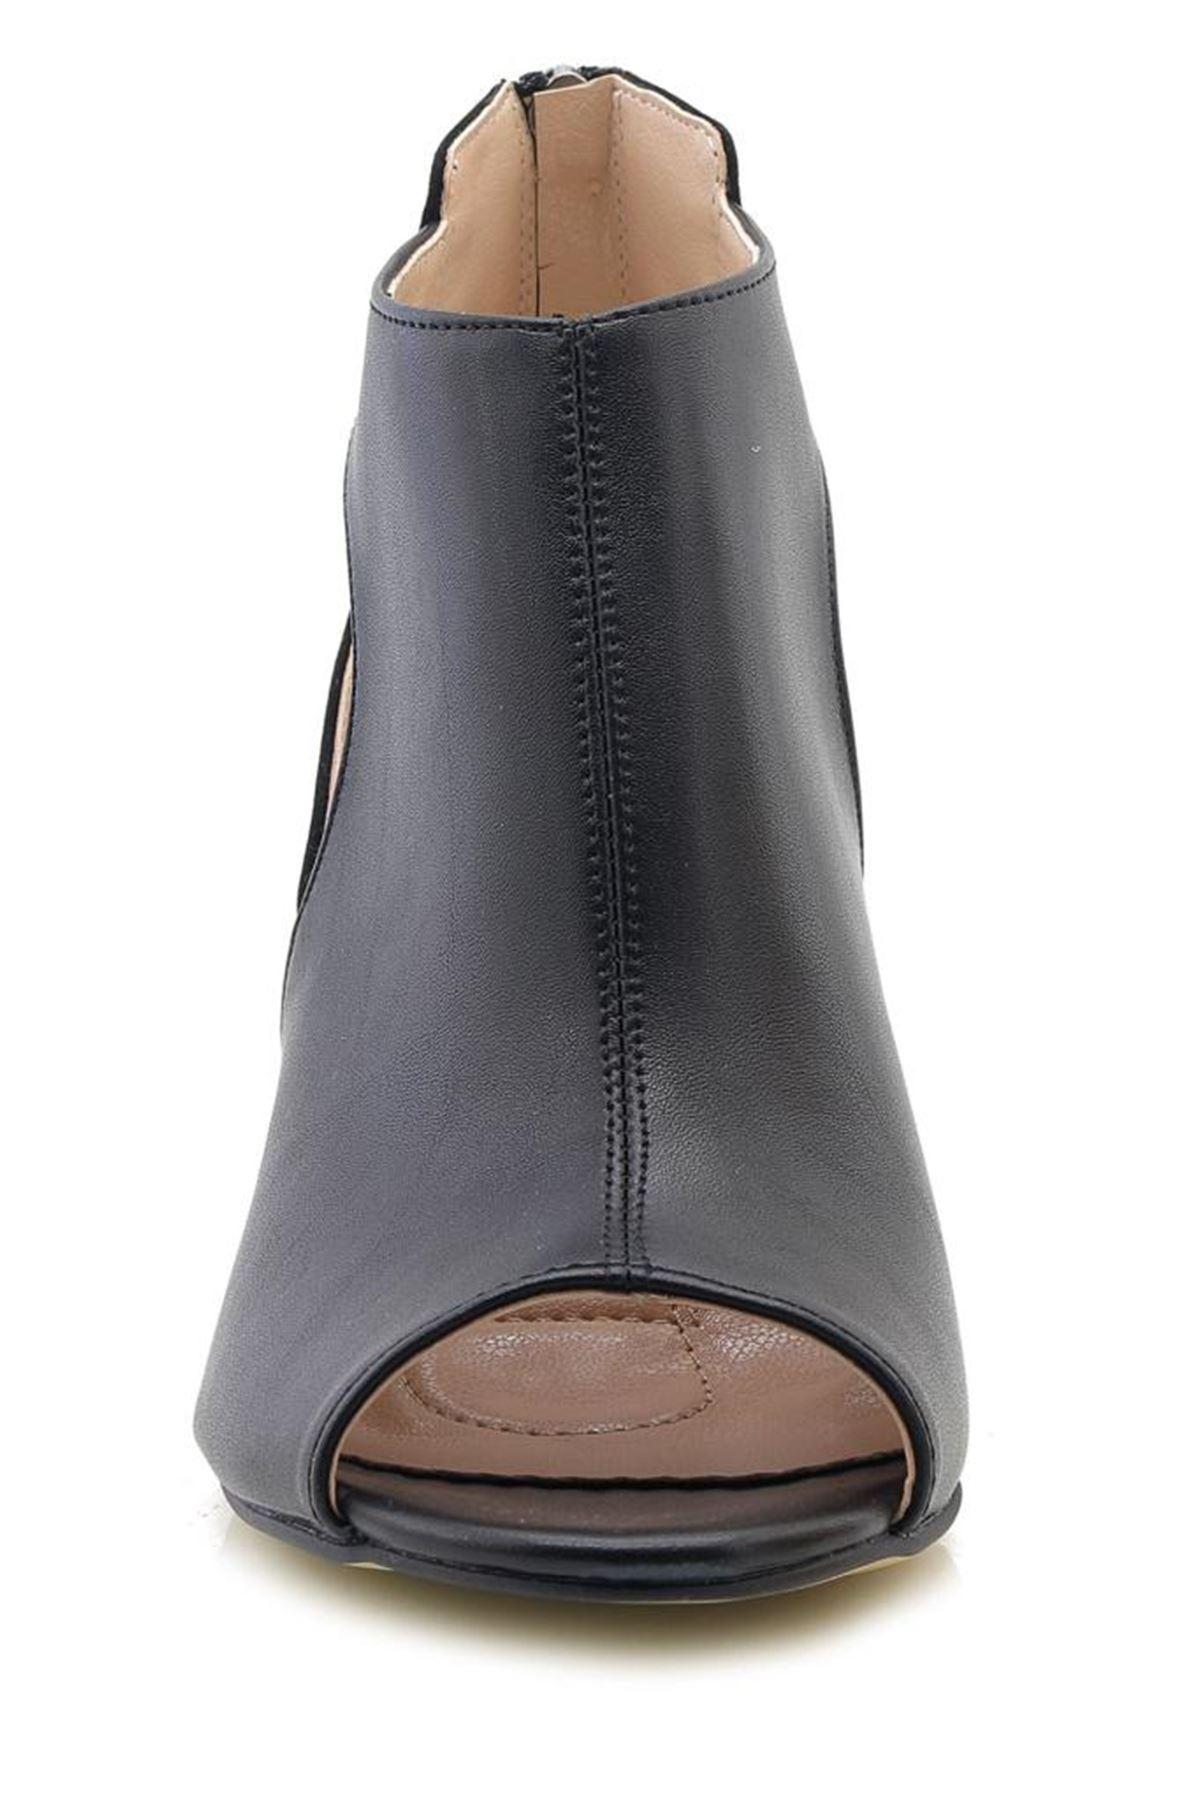 Artemis 3201-01 Siyah Domi Günlük Yeni Sezon Ayakkabı